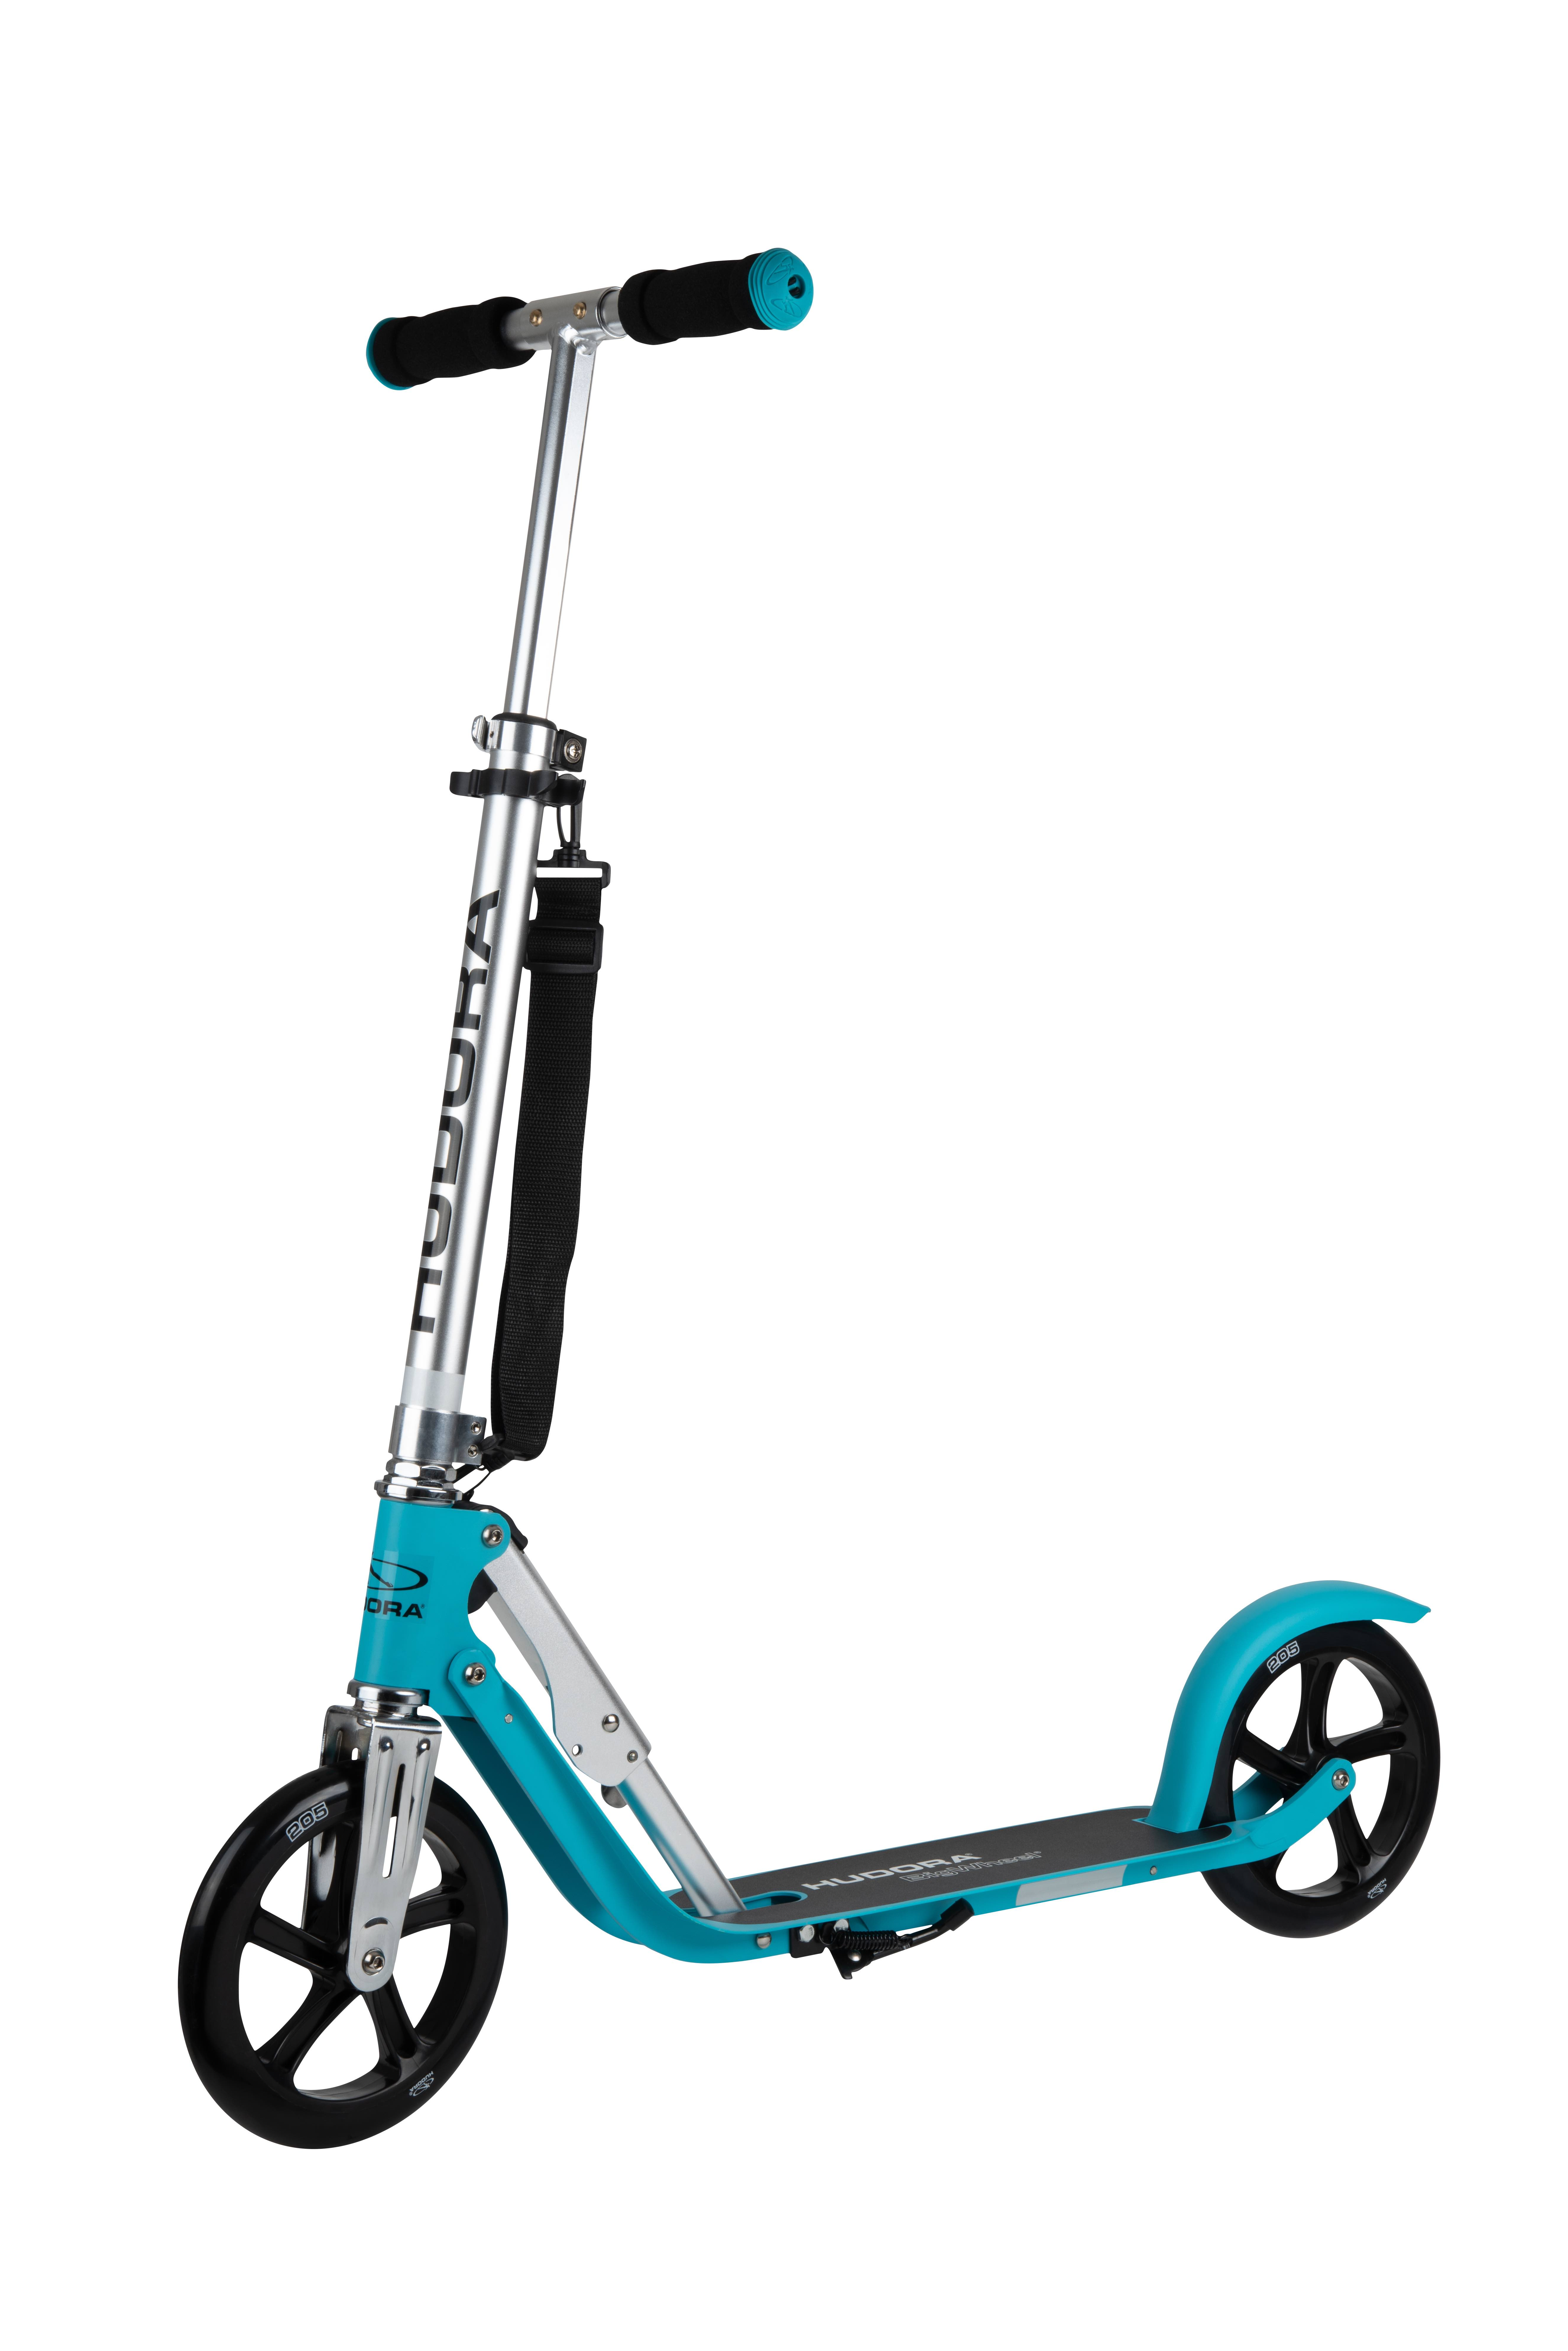 HUDORA BigWheel® 20 Scooter, ocean